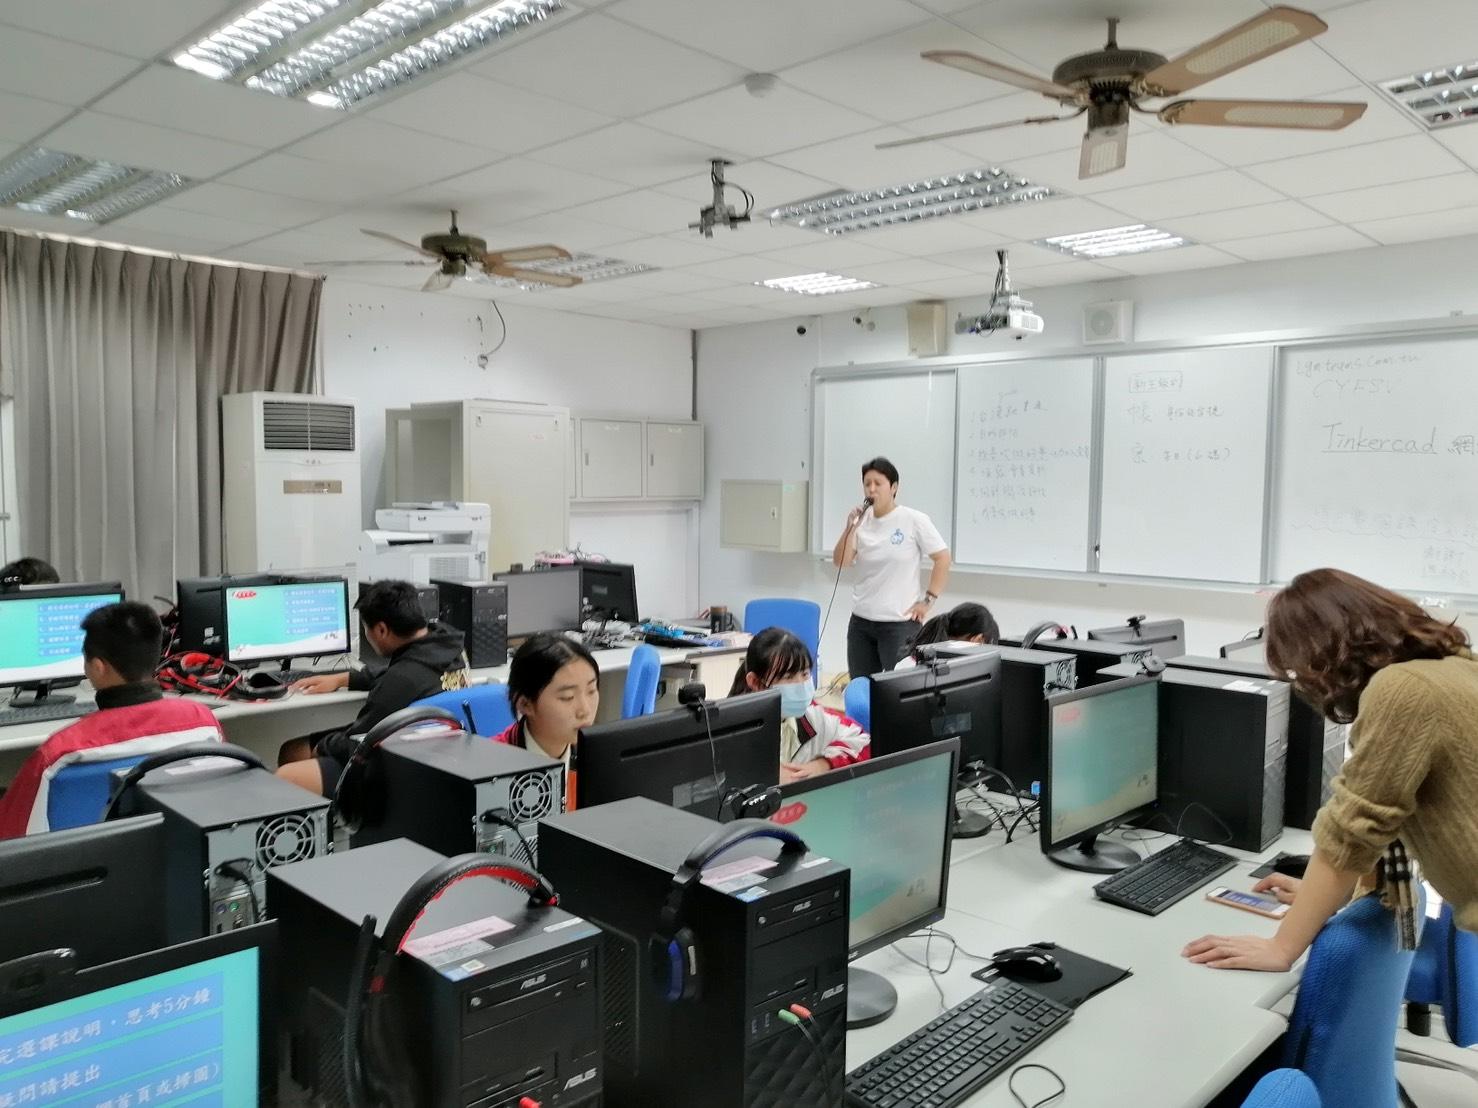 雲端課程可供學生自主學習。(六龜高中提供)